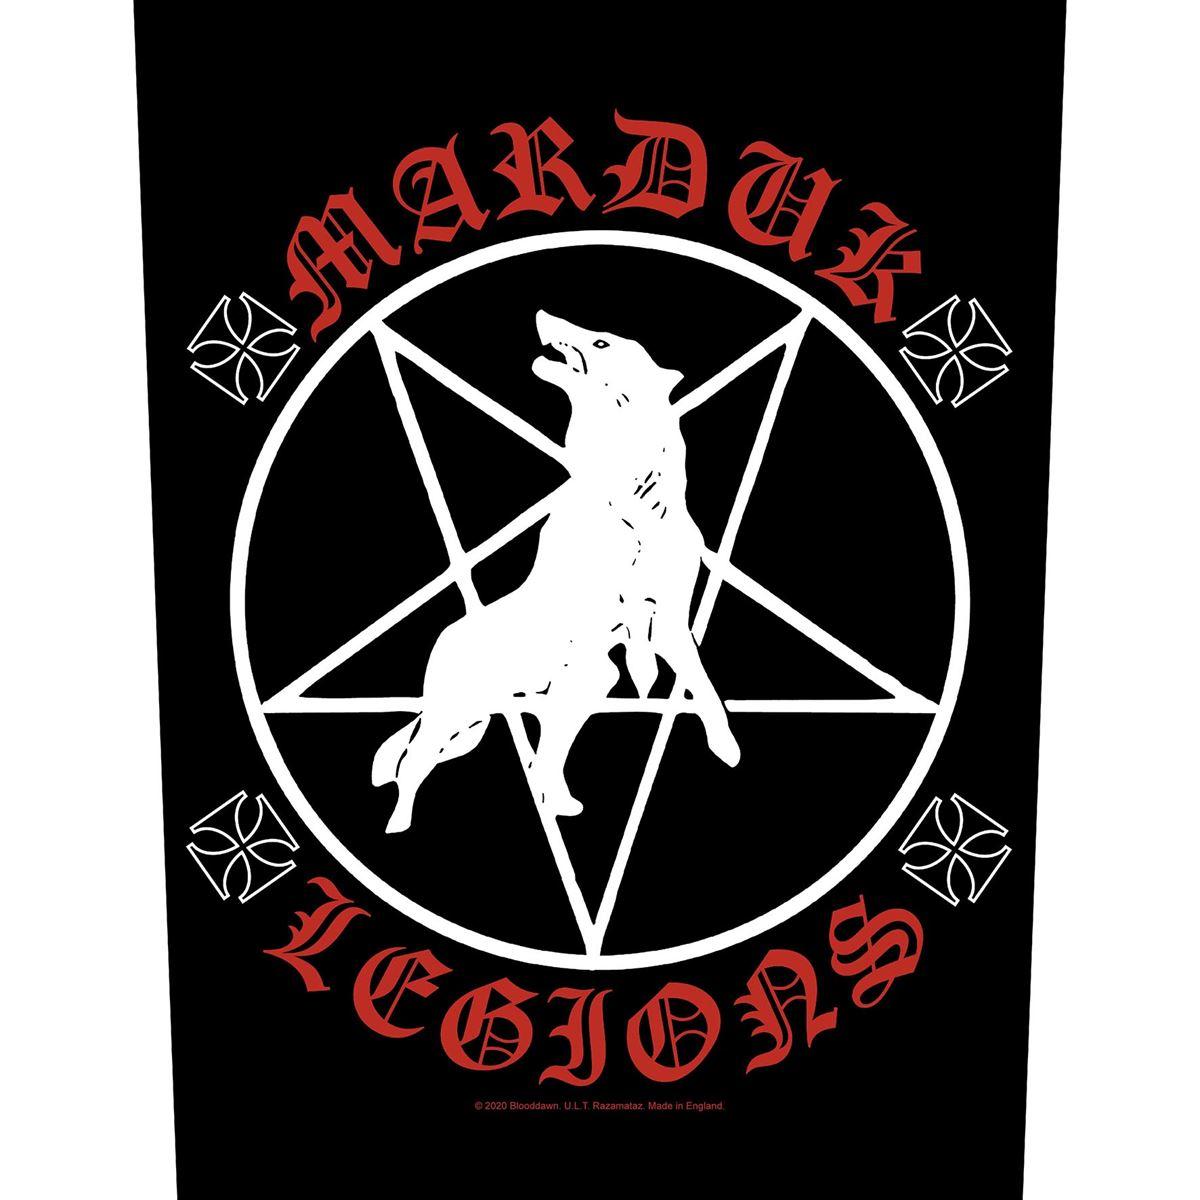 MARDUK - MARDUK LEGIONS Back Patch